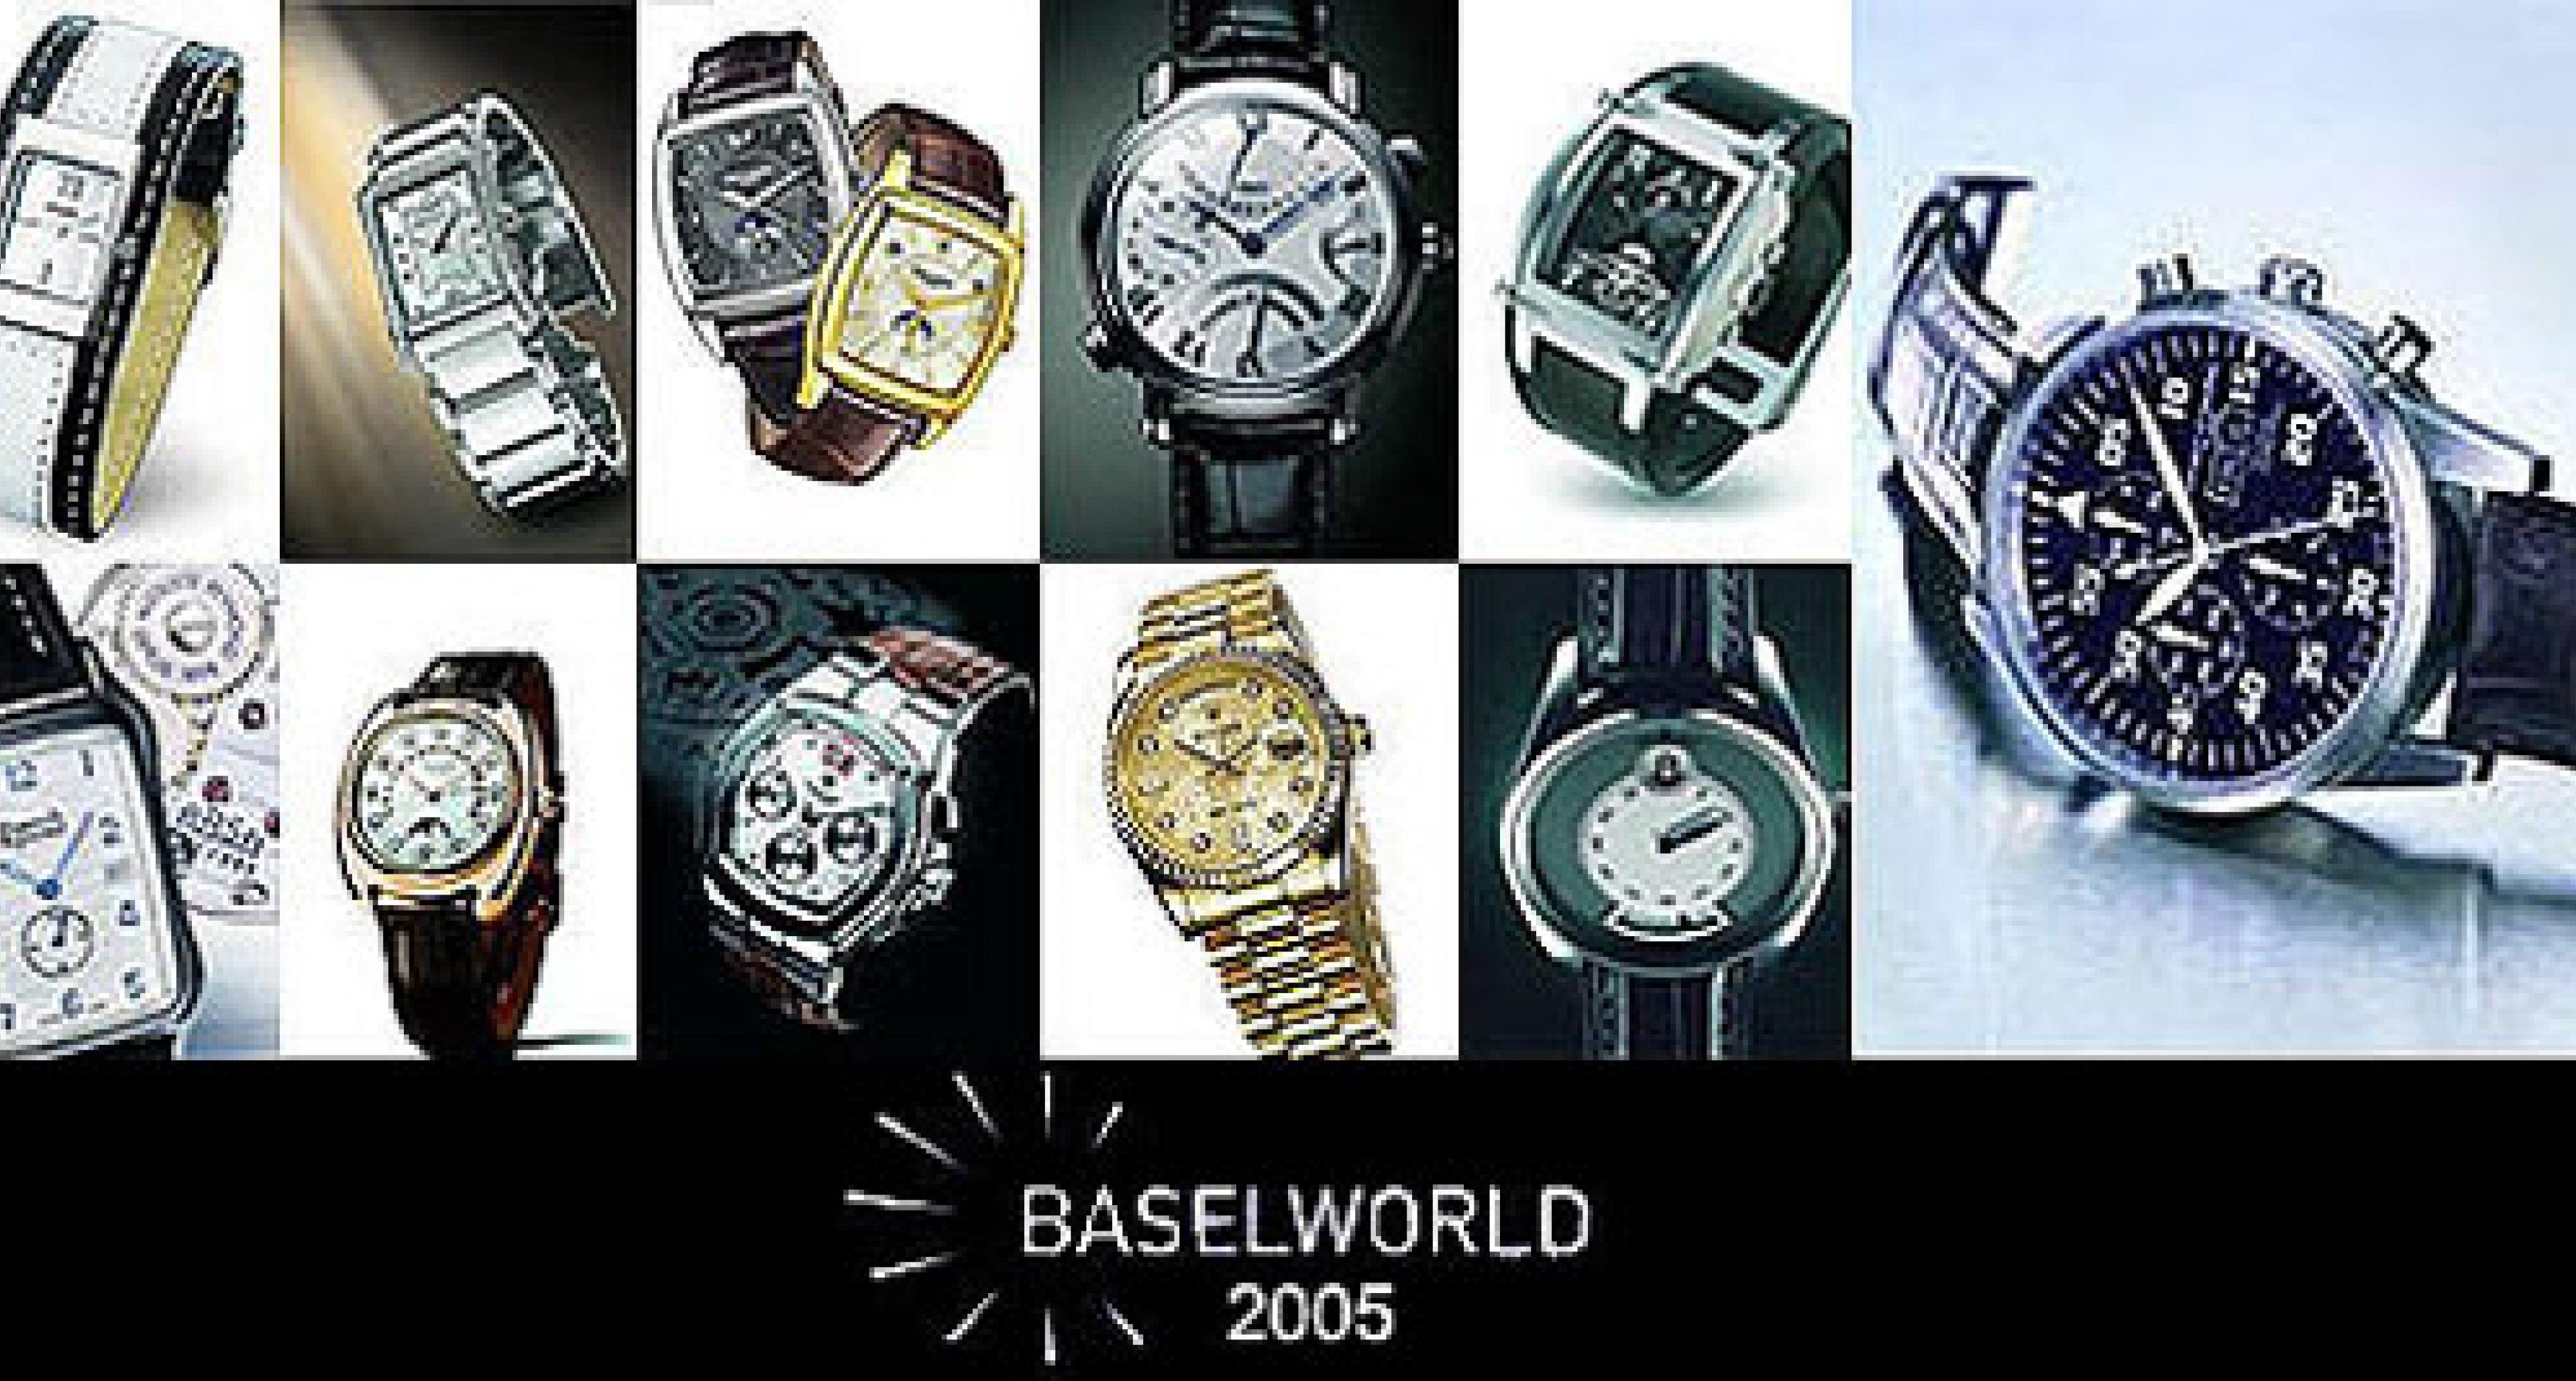 Baselworld 2005: Uhrentrends werden enthüllt